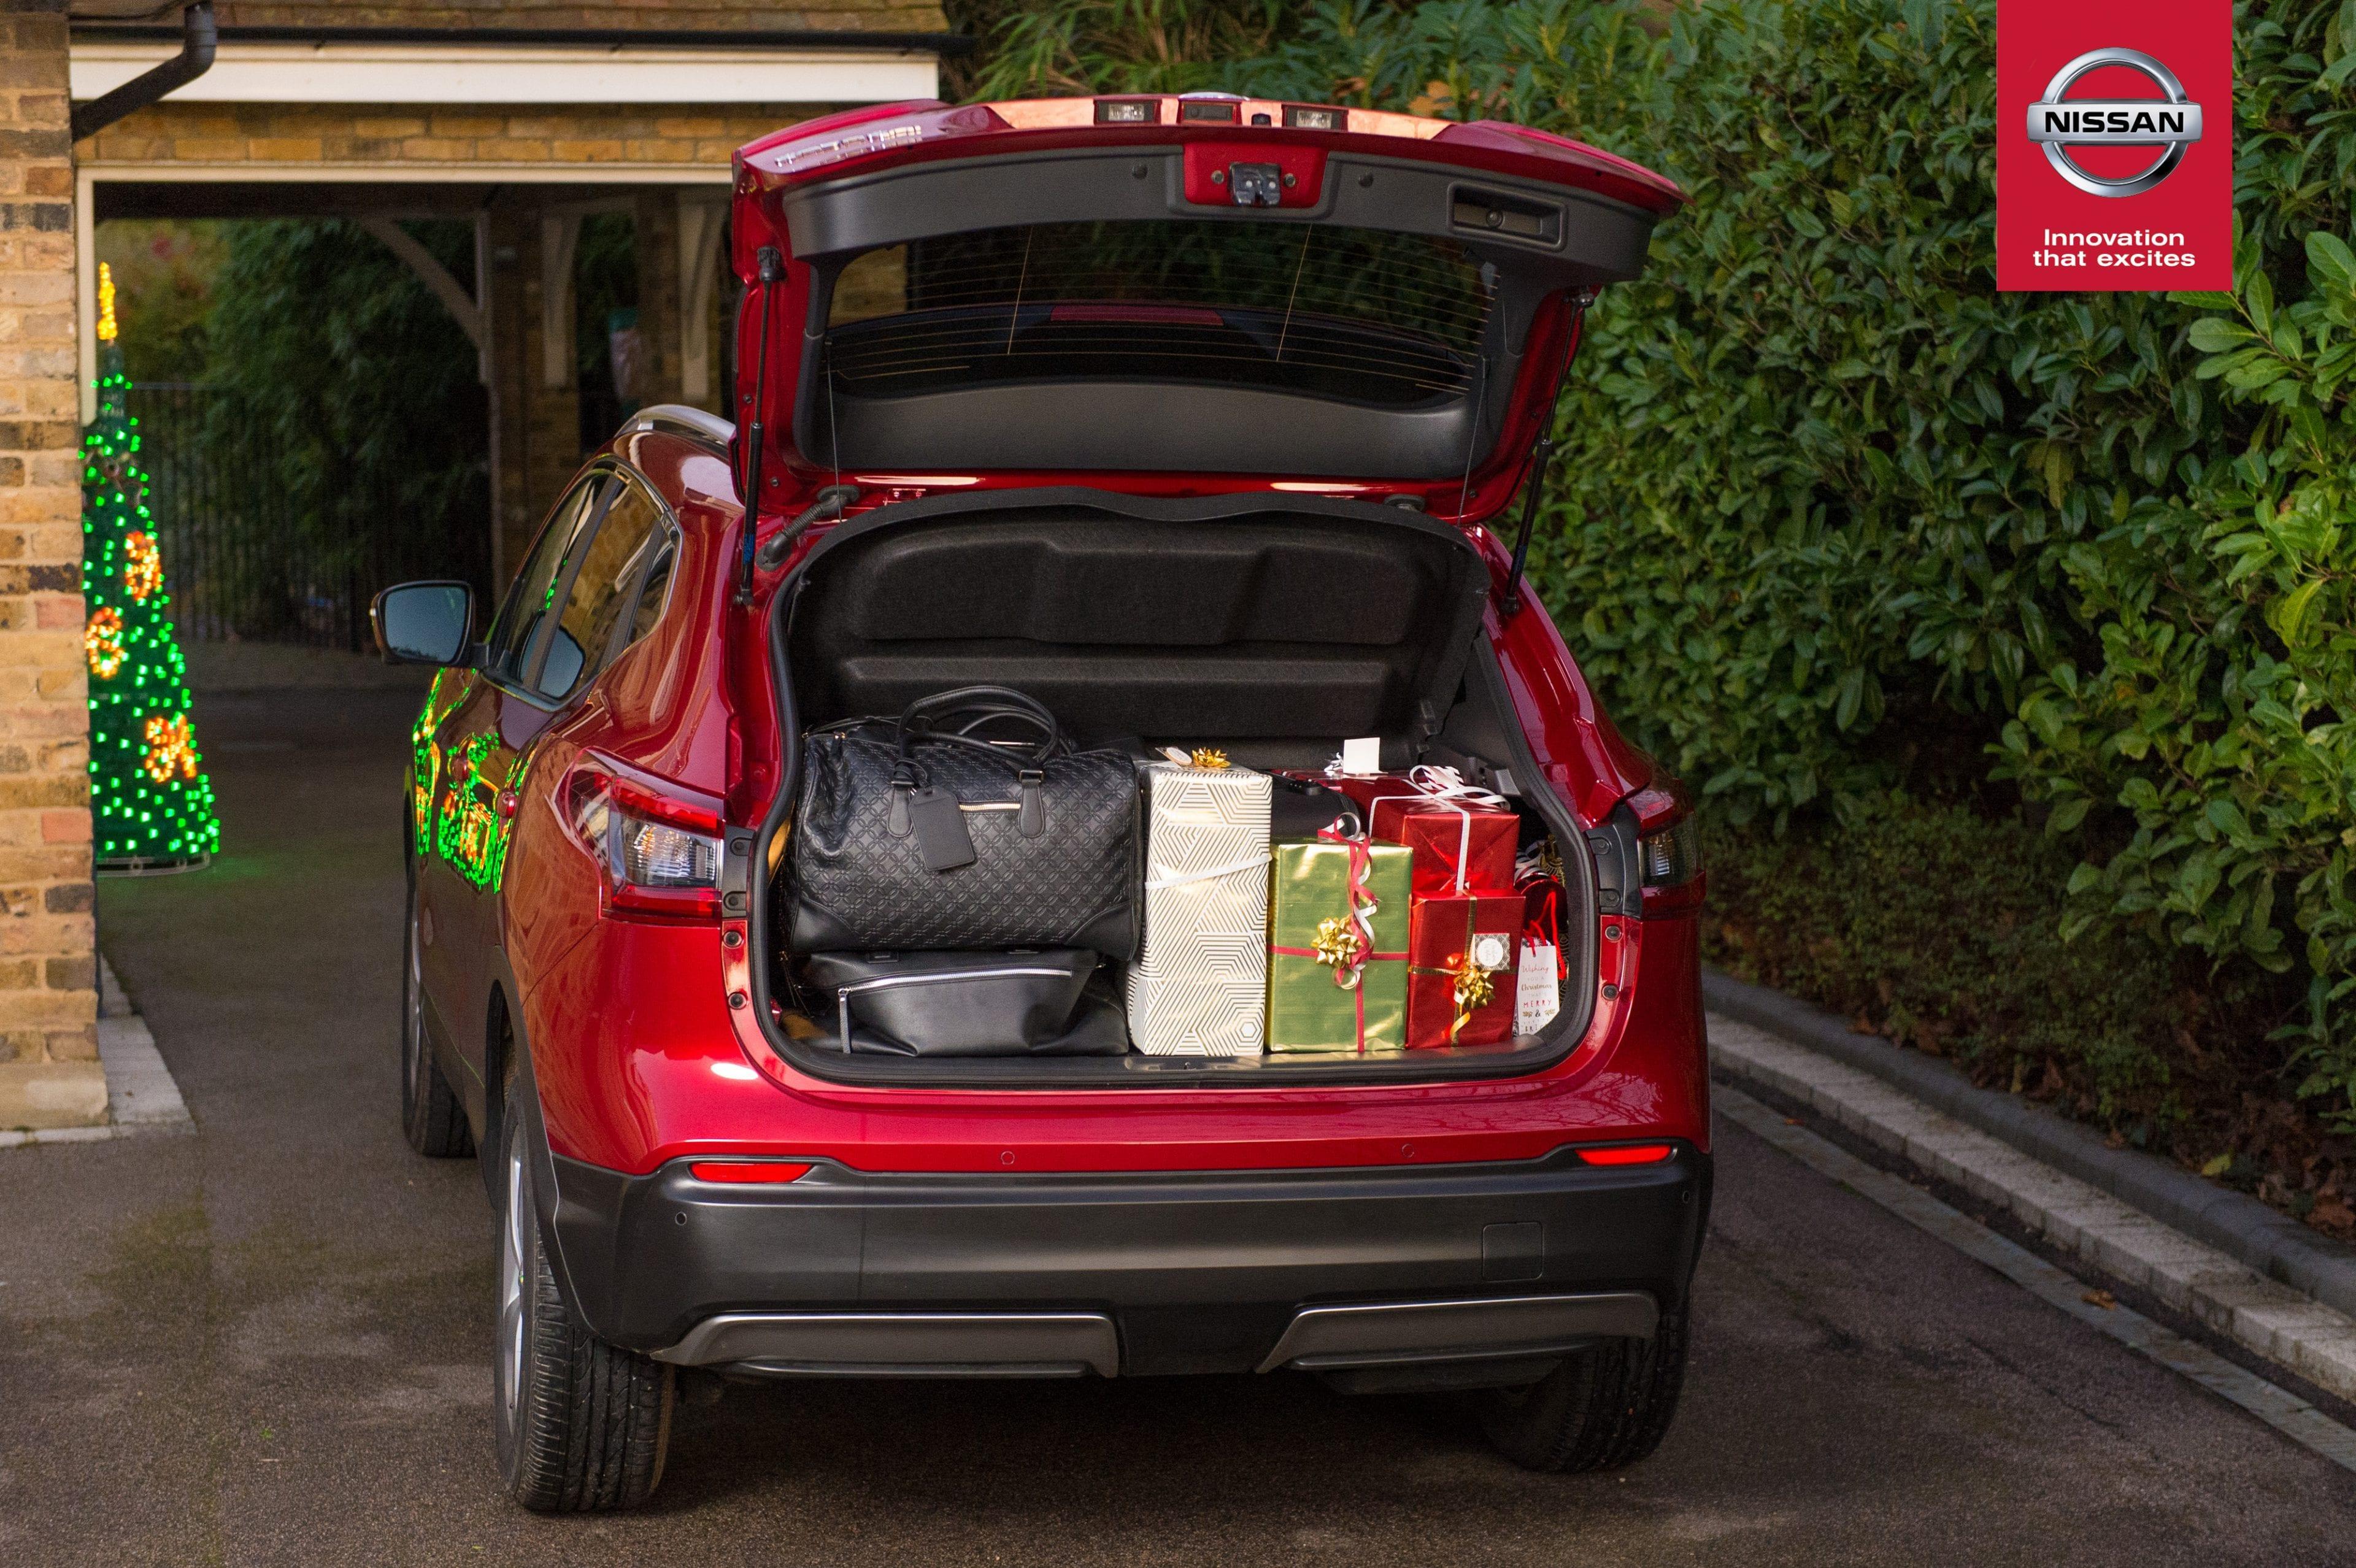 Afbeelding voor Nissan QASHQAI onthult geheim voor stressvrije kerstrit